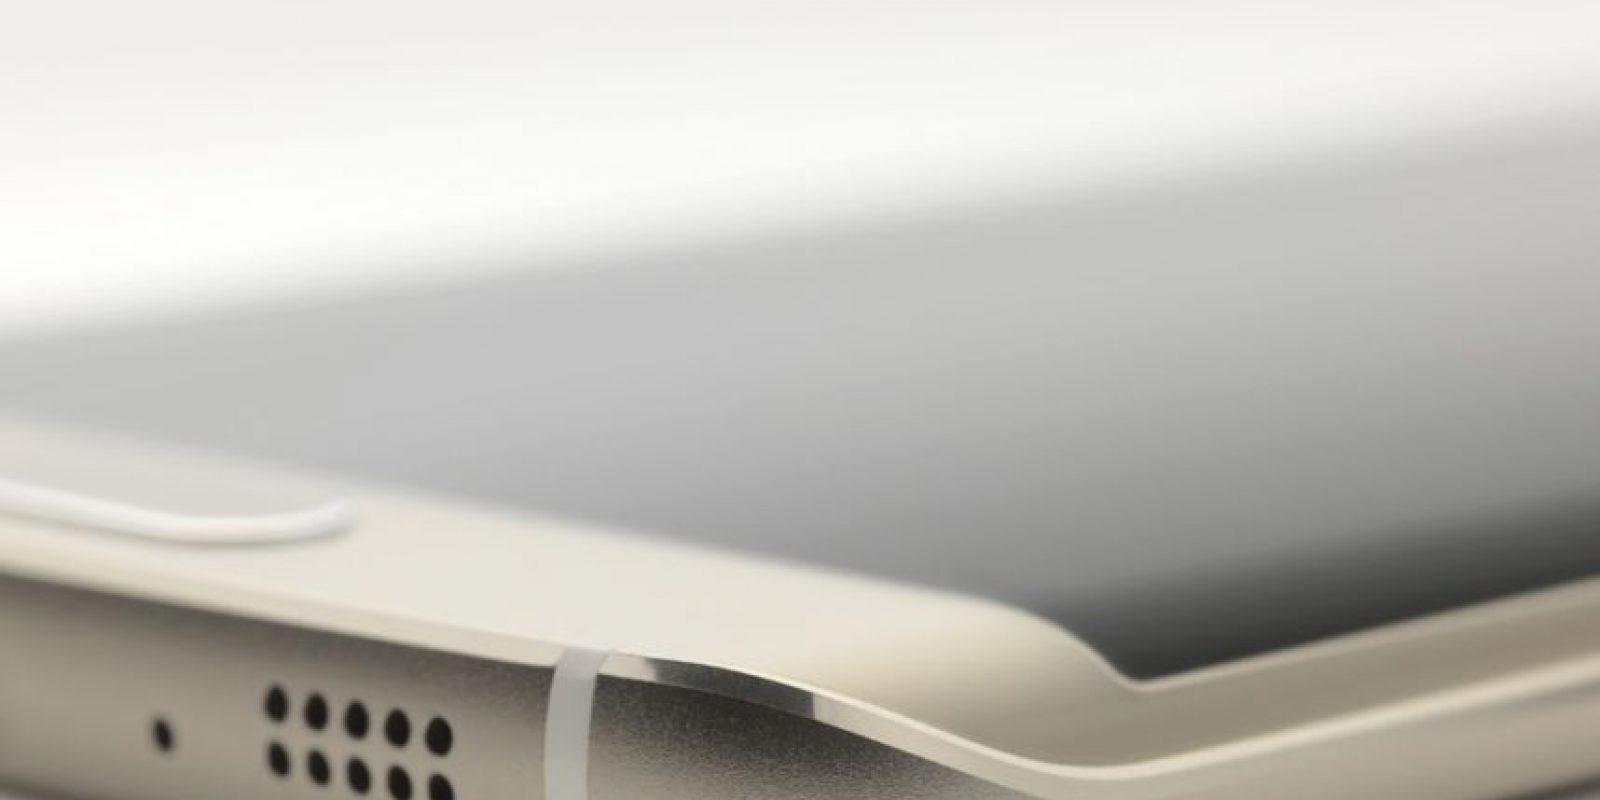 Se distingue por su pantalla curvada a la derecha e izquierda. Foto:Samsung